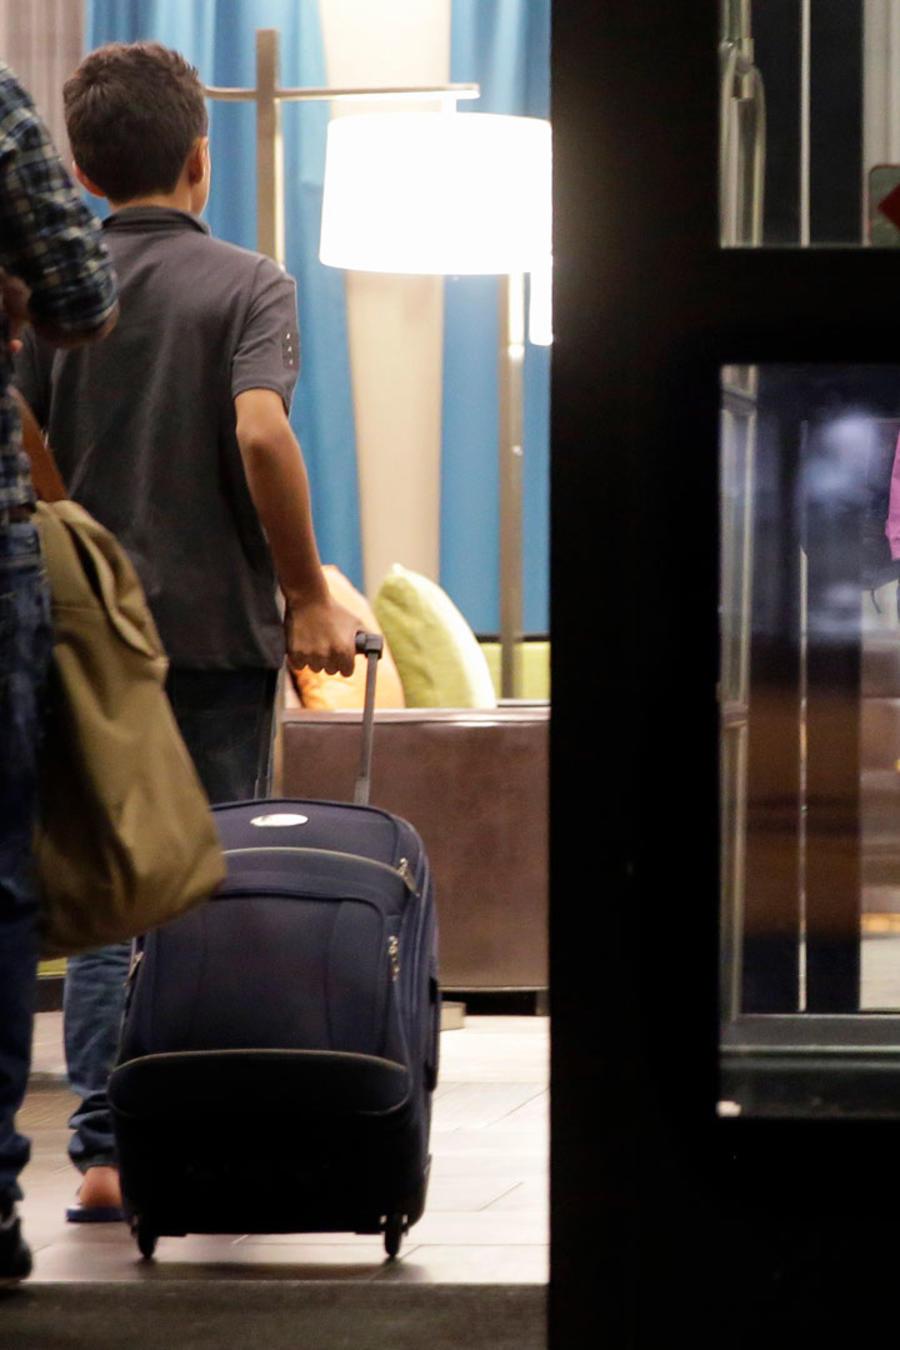 Familias de indocumentados llegan a un hotel de San Antonio, Texas, en una imagen de archivo